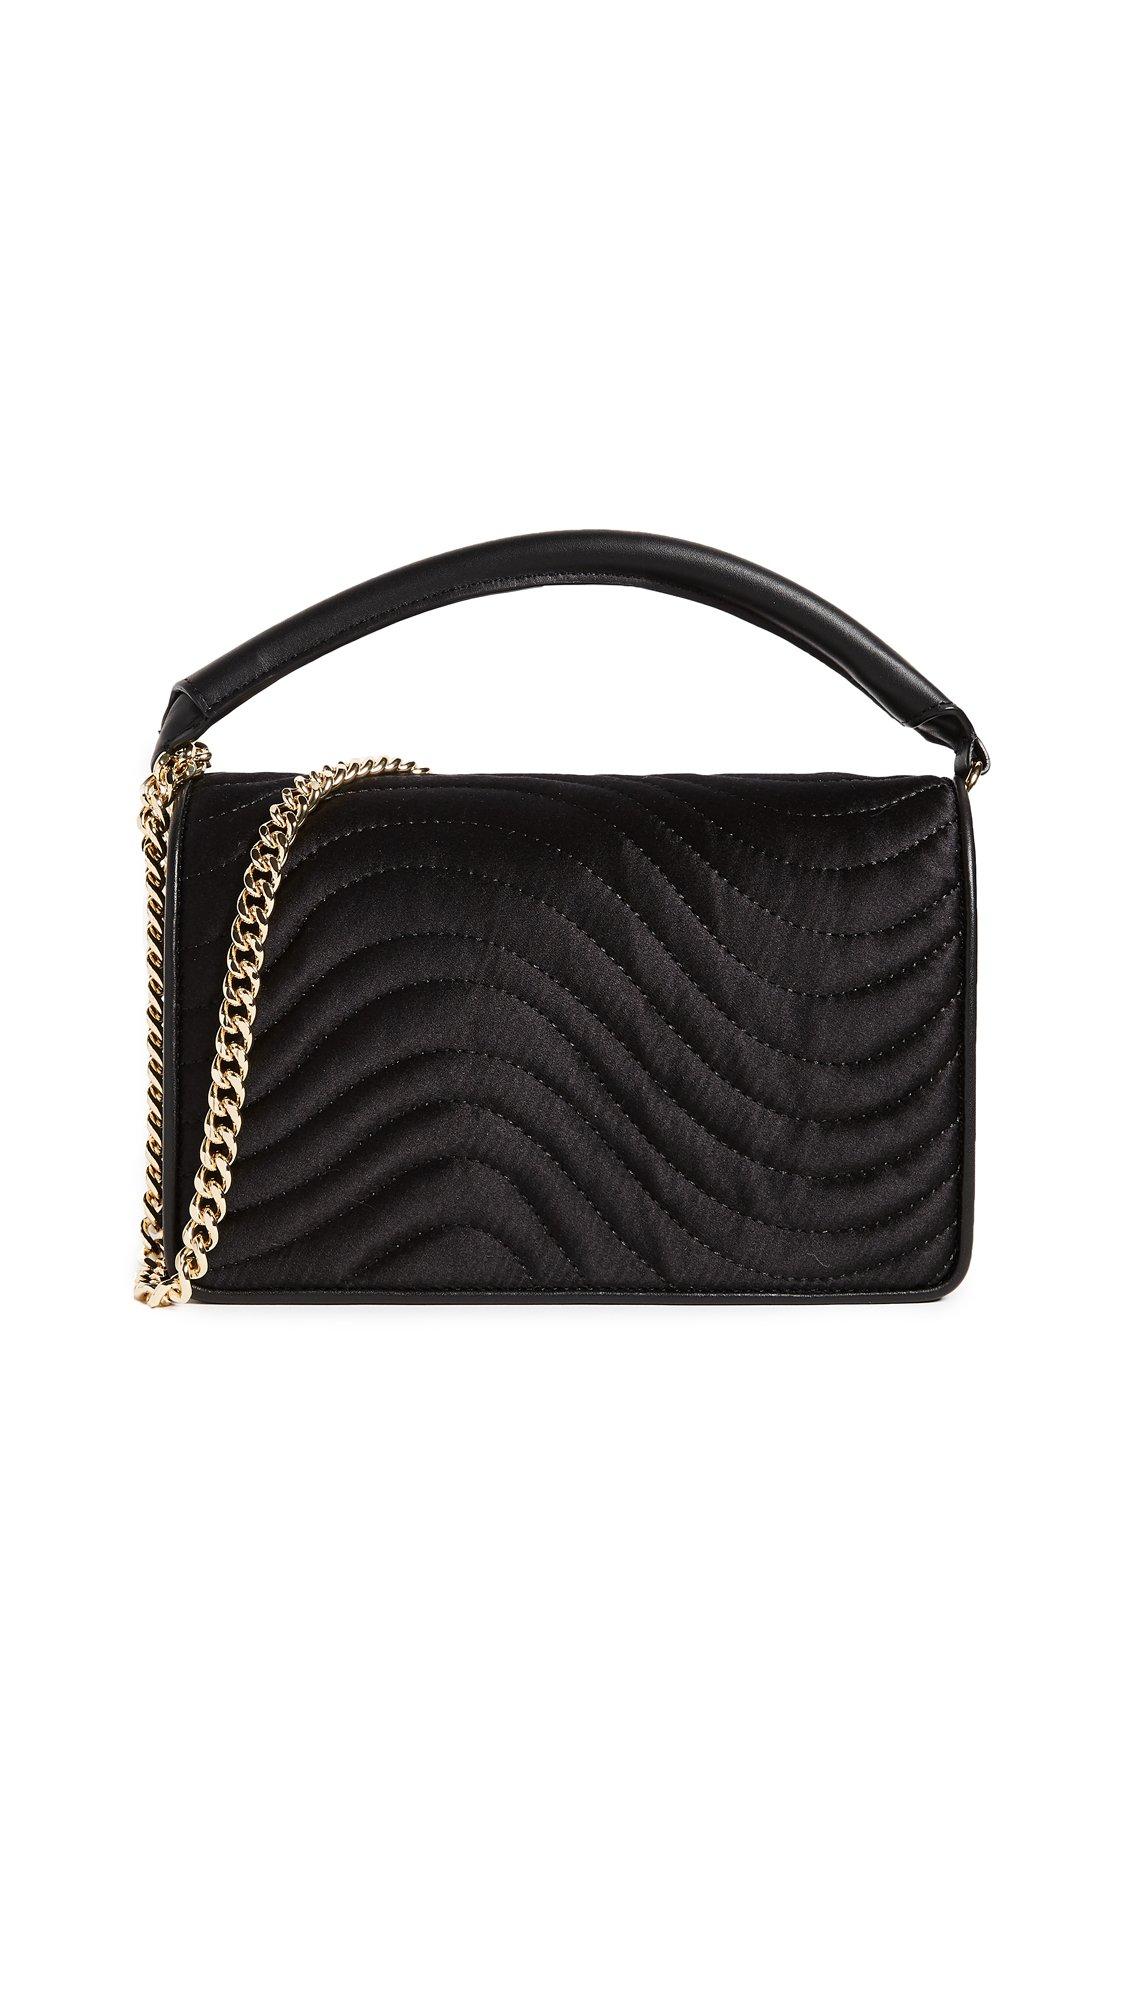 Diane von Furstenberg Women's Soiree Top Handle Bag, Black, One Size